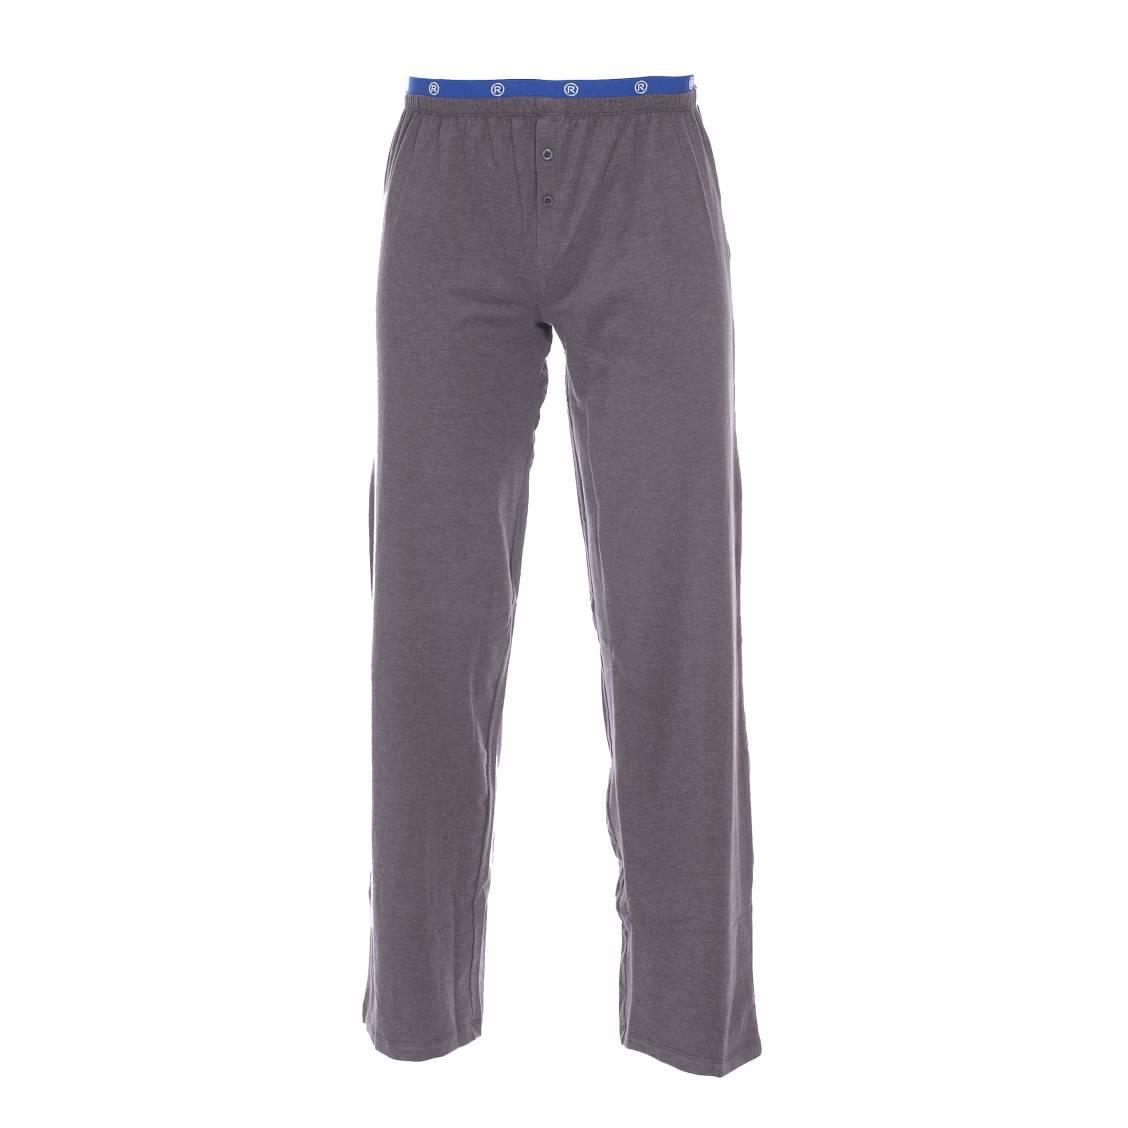 pantalon d 39 int rieur mariner en coton stretch gris chin ceinture bleu lectrique rue des hommes. Black Bedroom Furniture Sets. Home Design Ideas